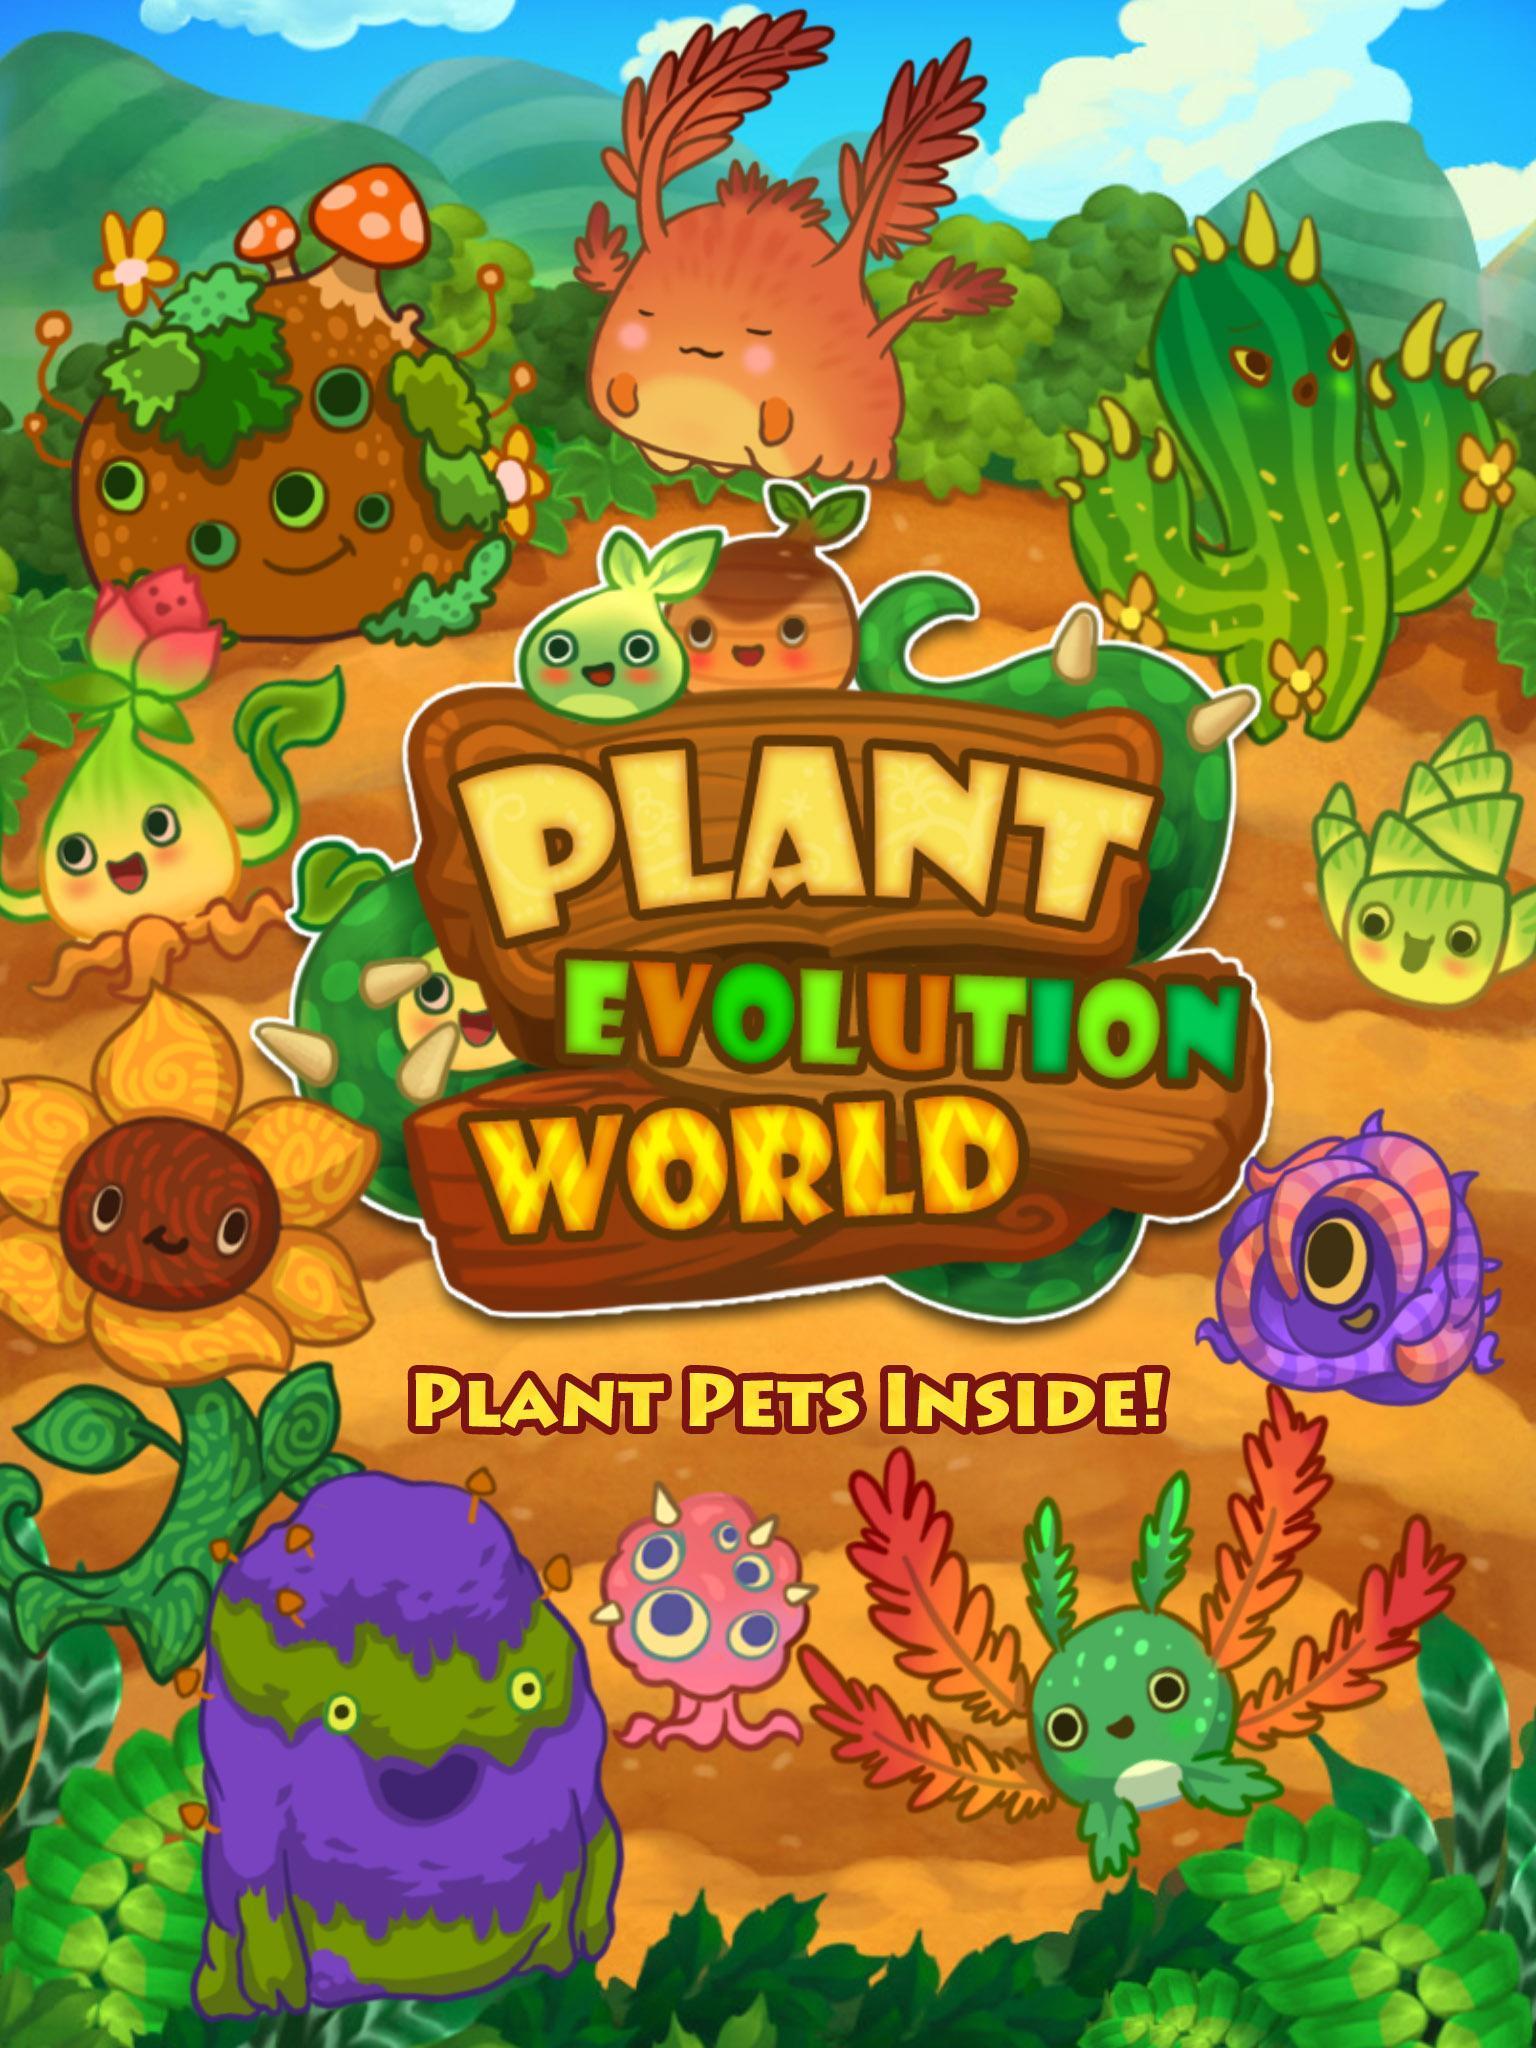 Plant evolution game slot machine error code e1